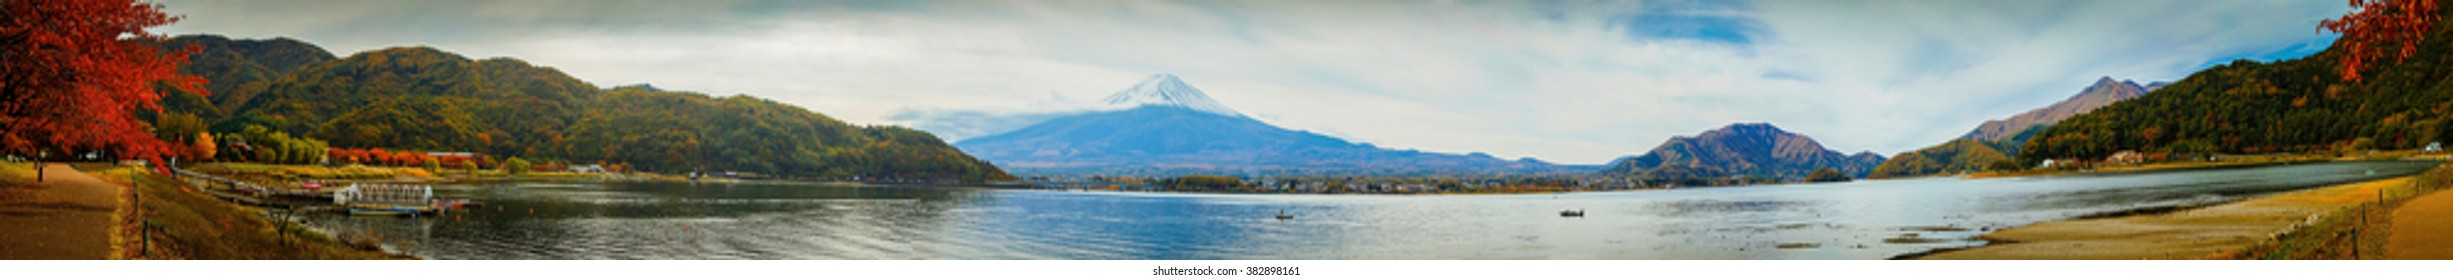 The Panorama of Kawaguchiko